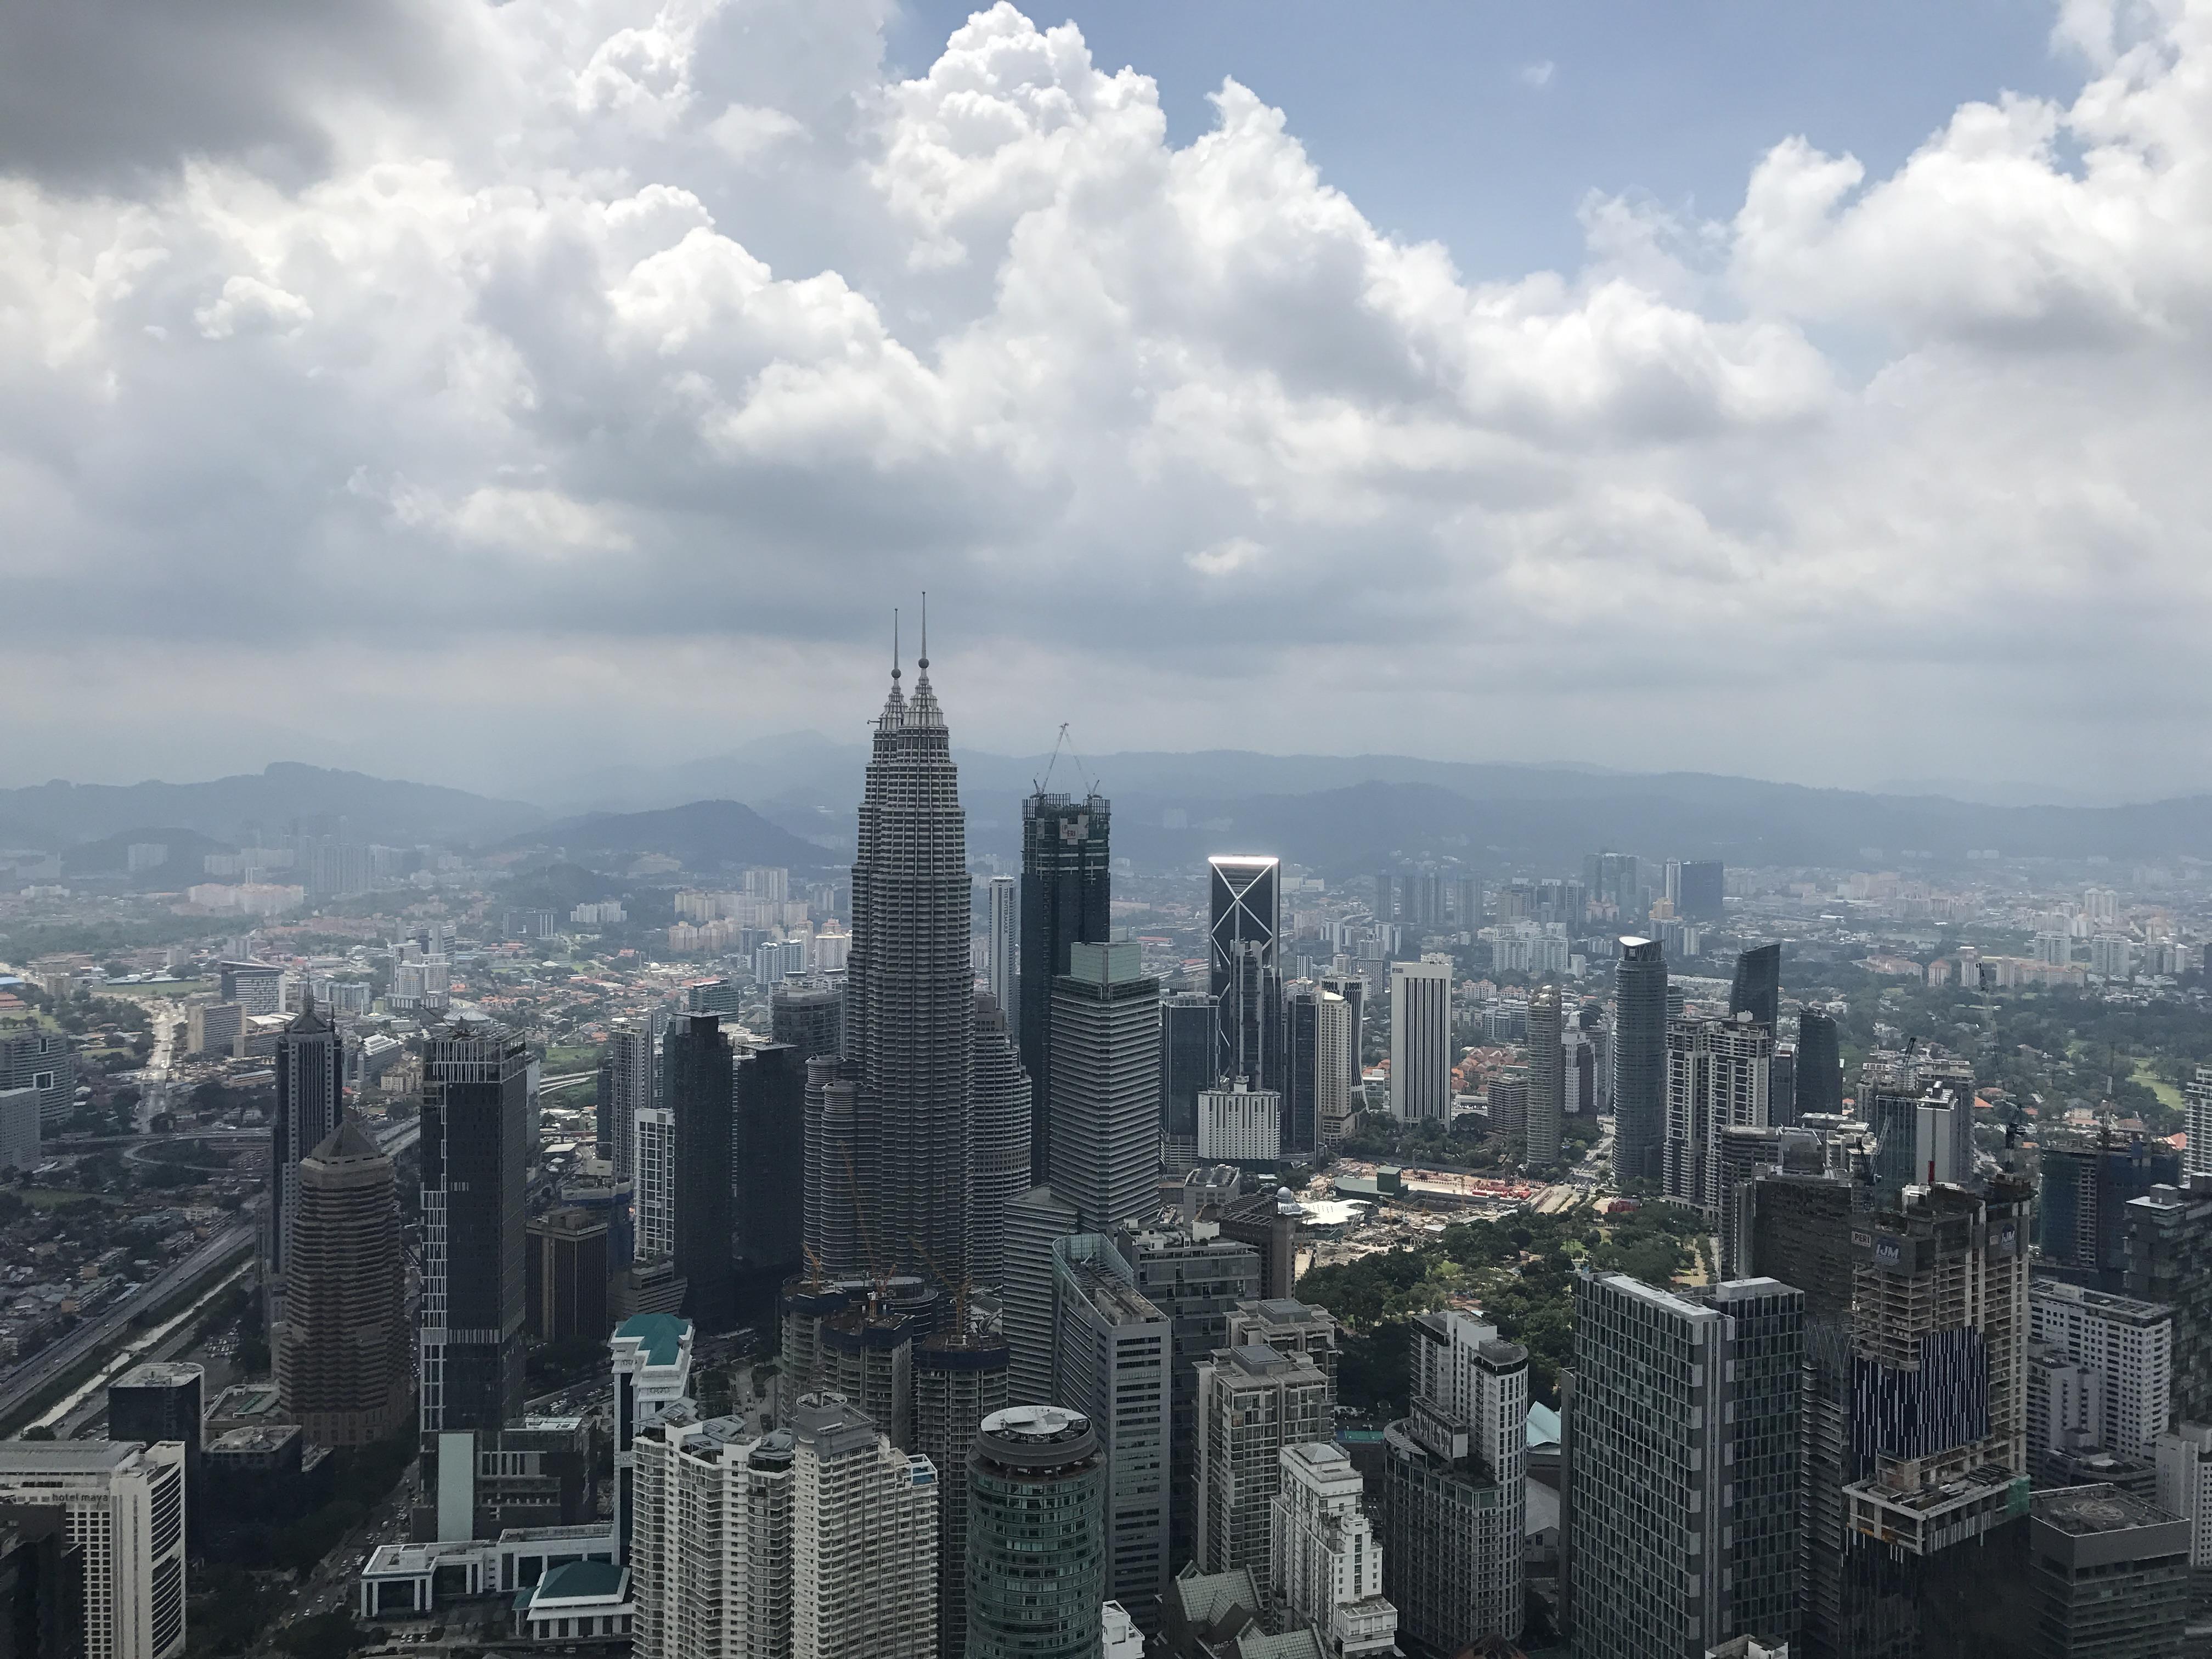 Vista da KL Menara